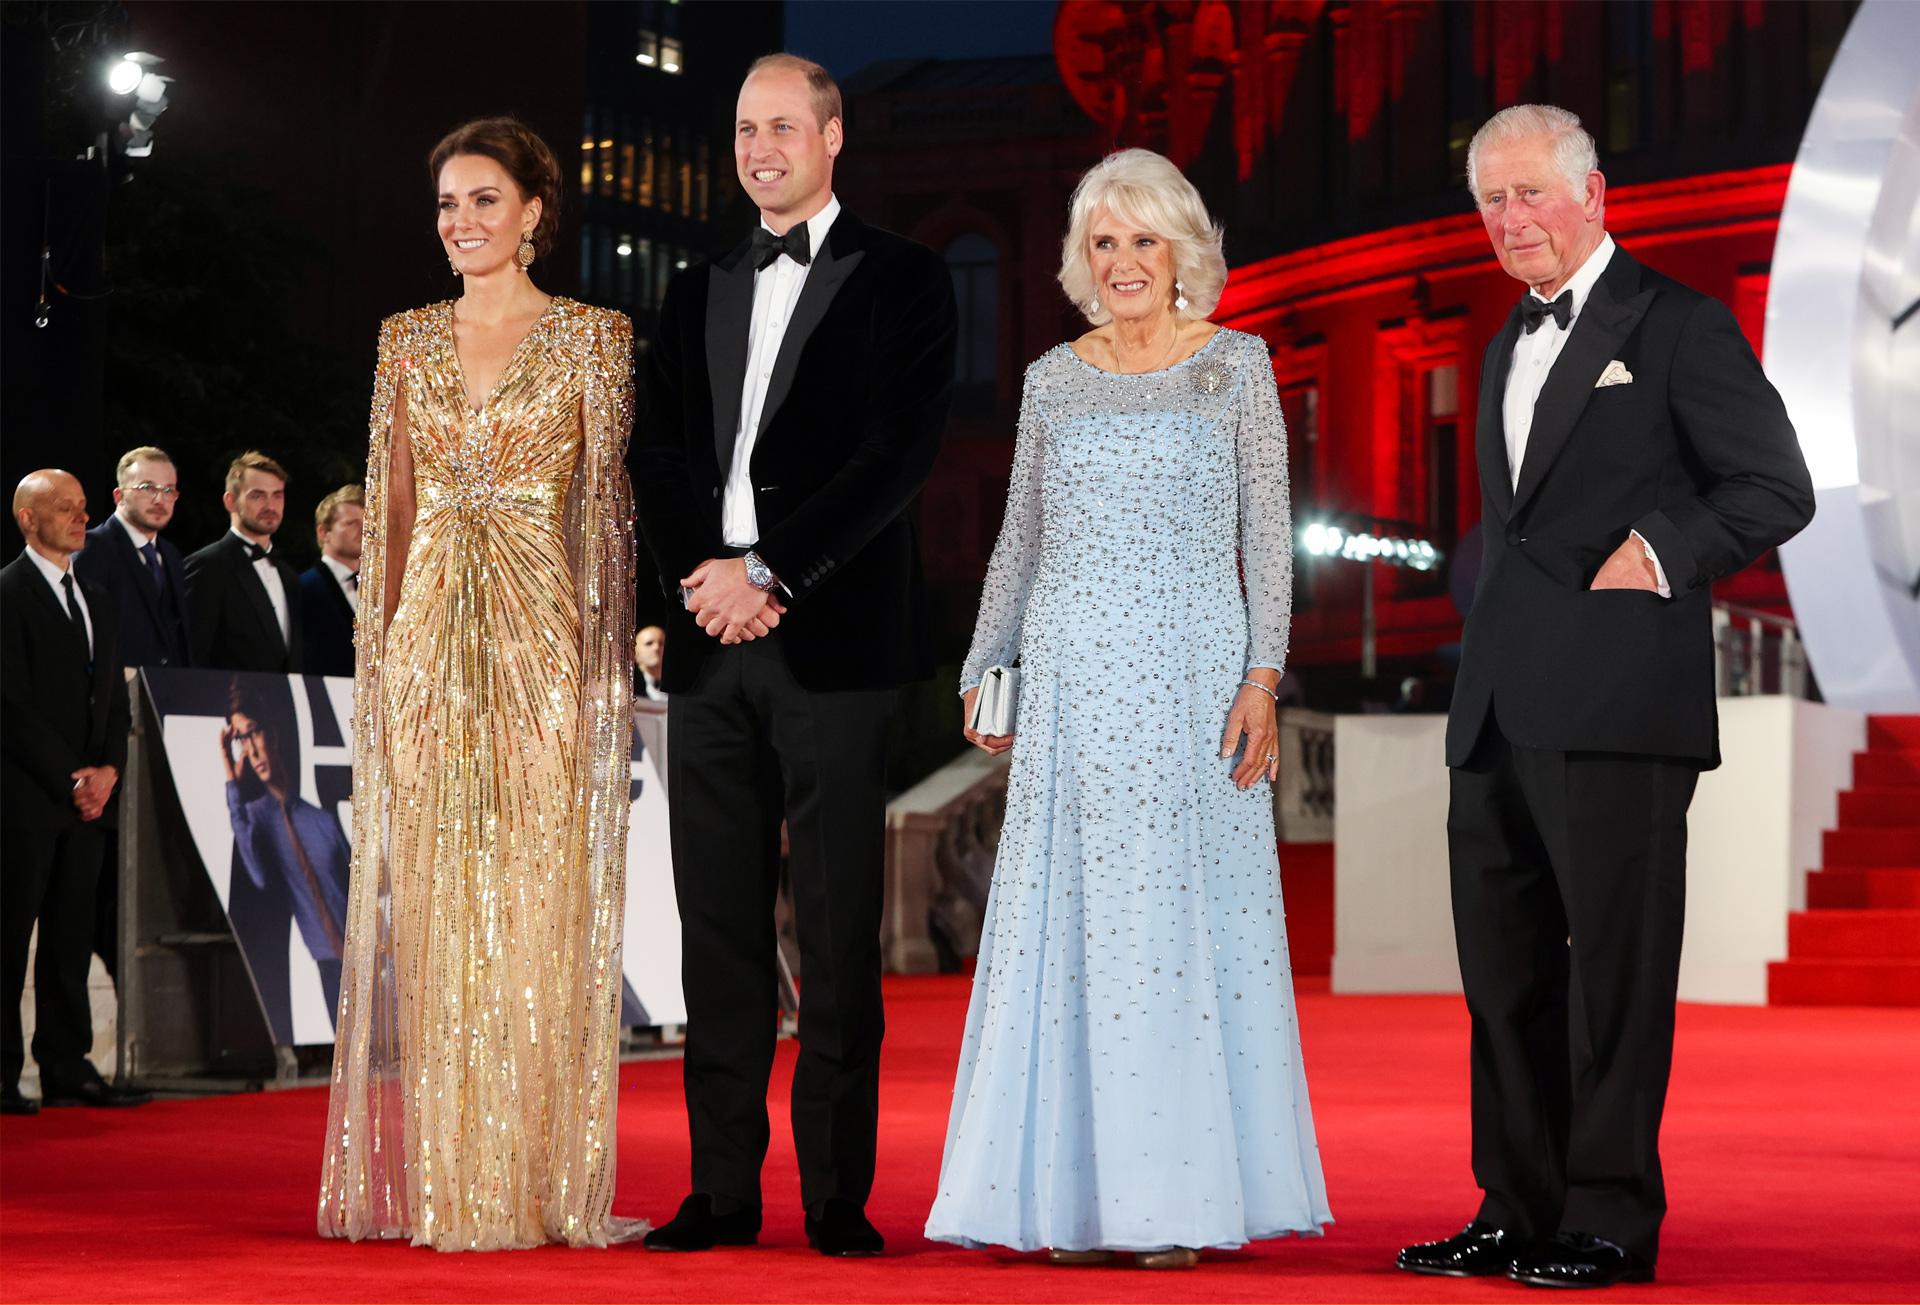 Rodzina królewska na premierze nowego filmu z Jamesem Bondem